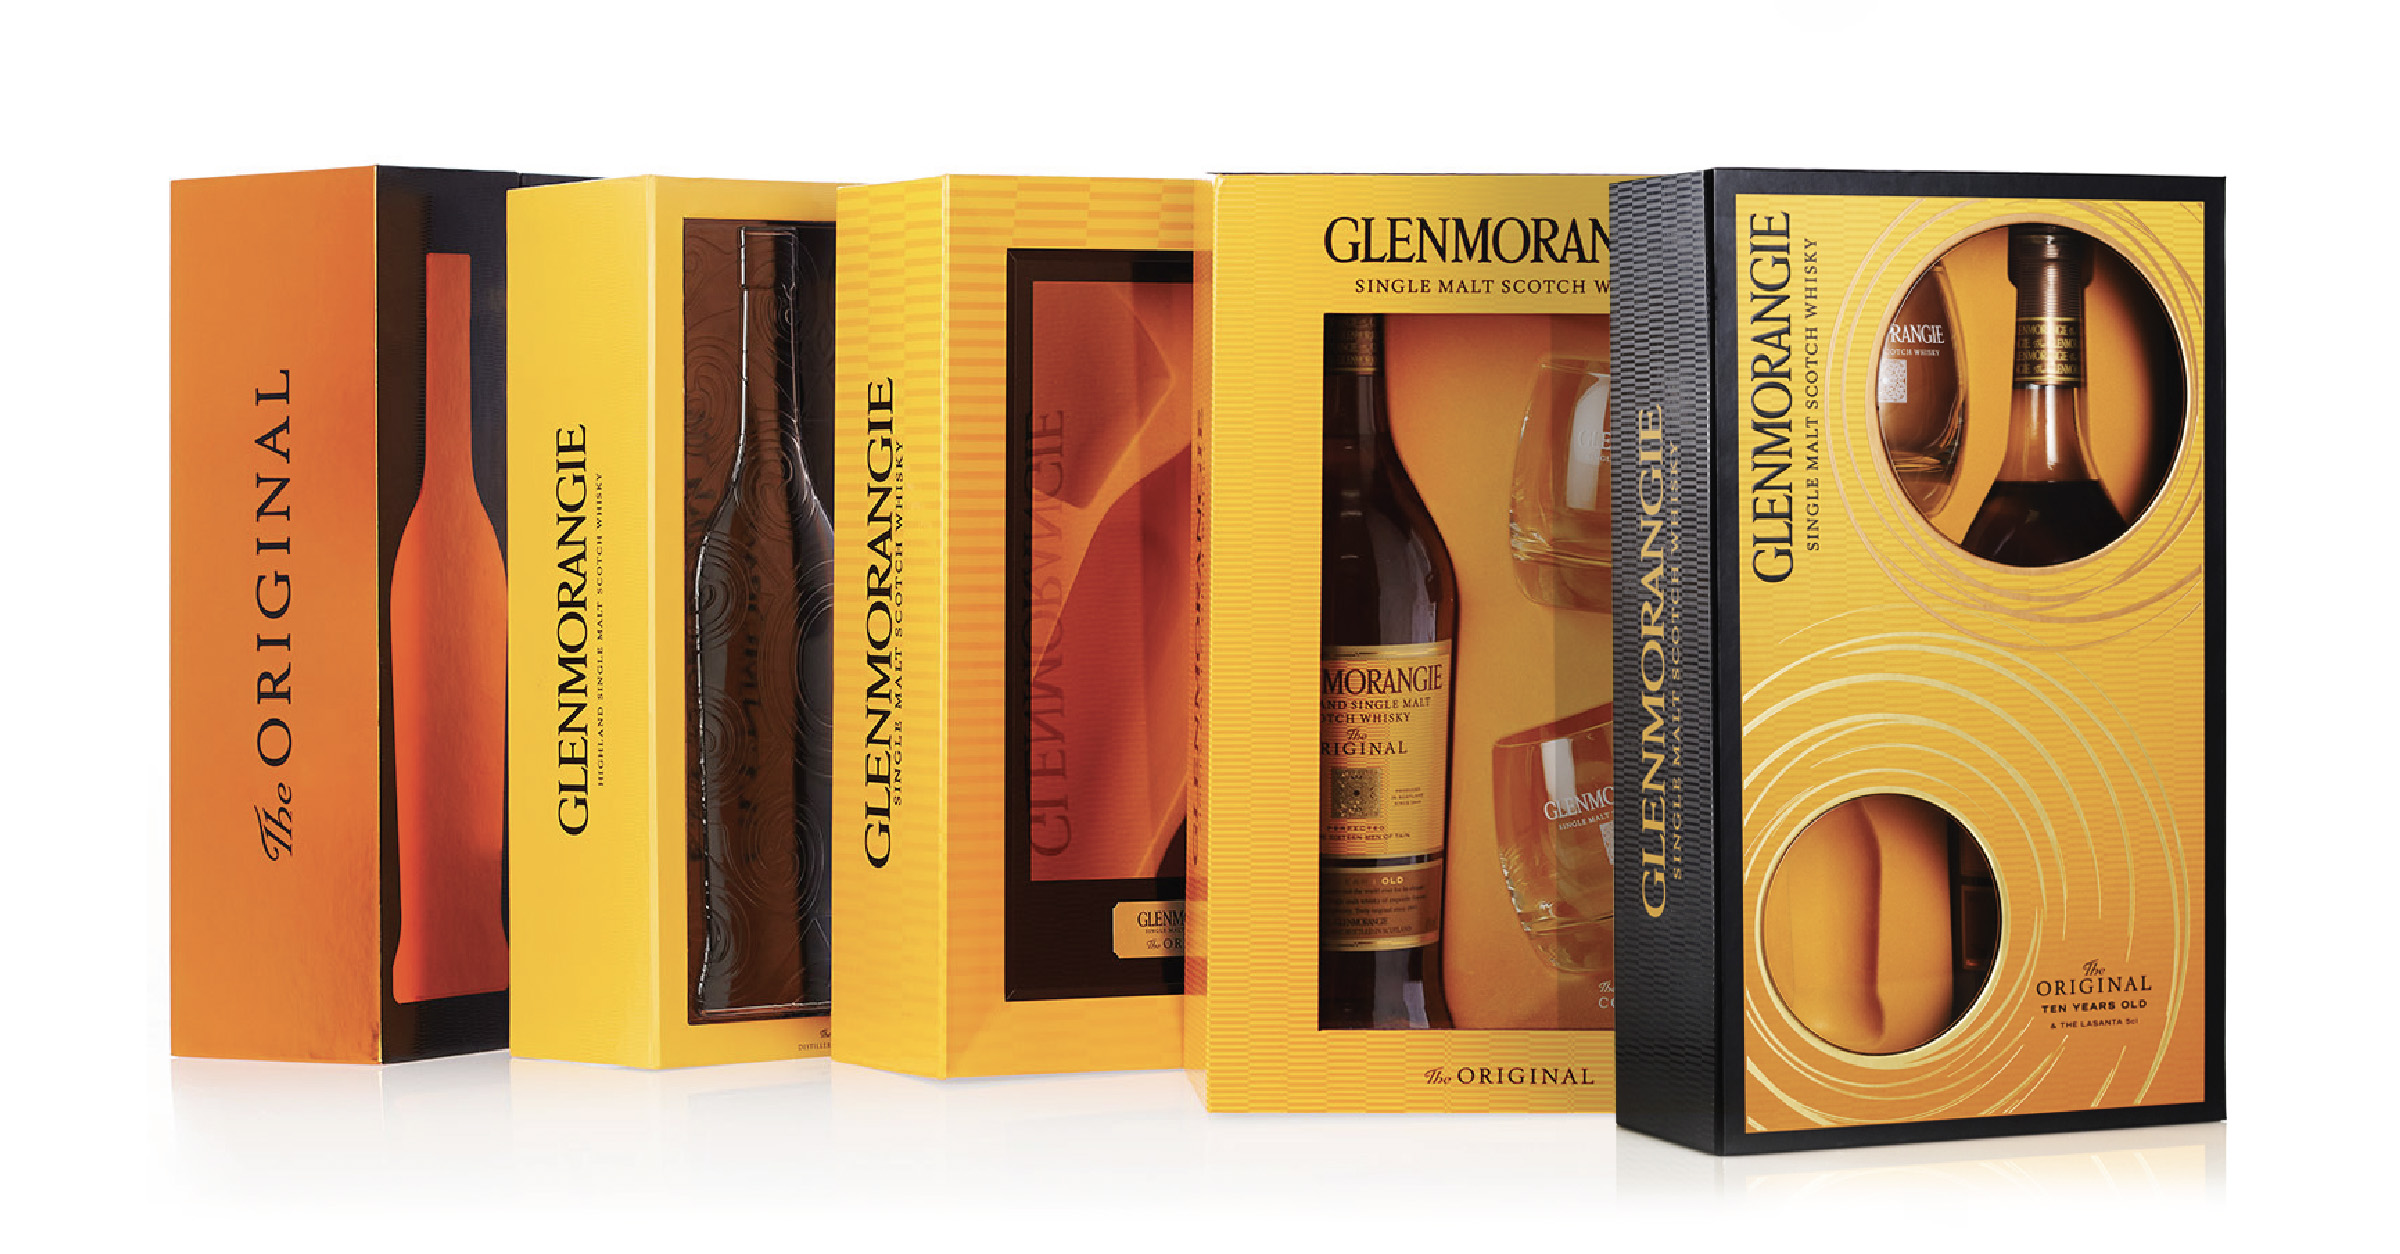 Glenmorangie Gifting - IPL Packaging